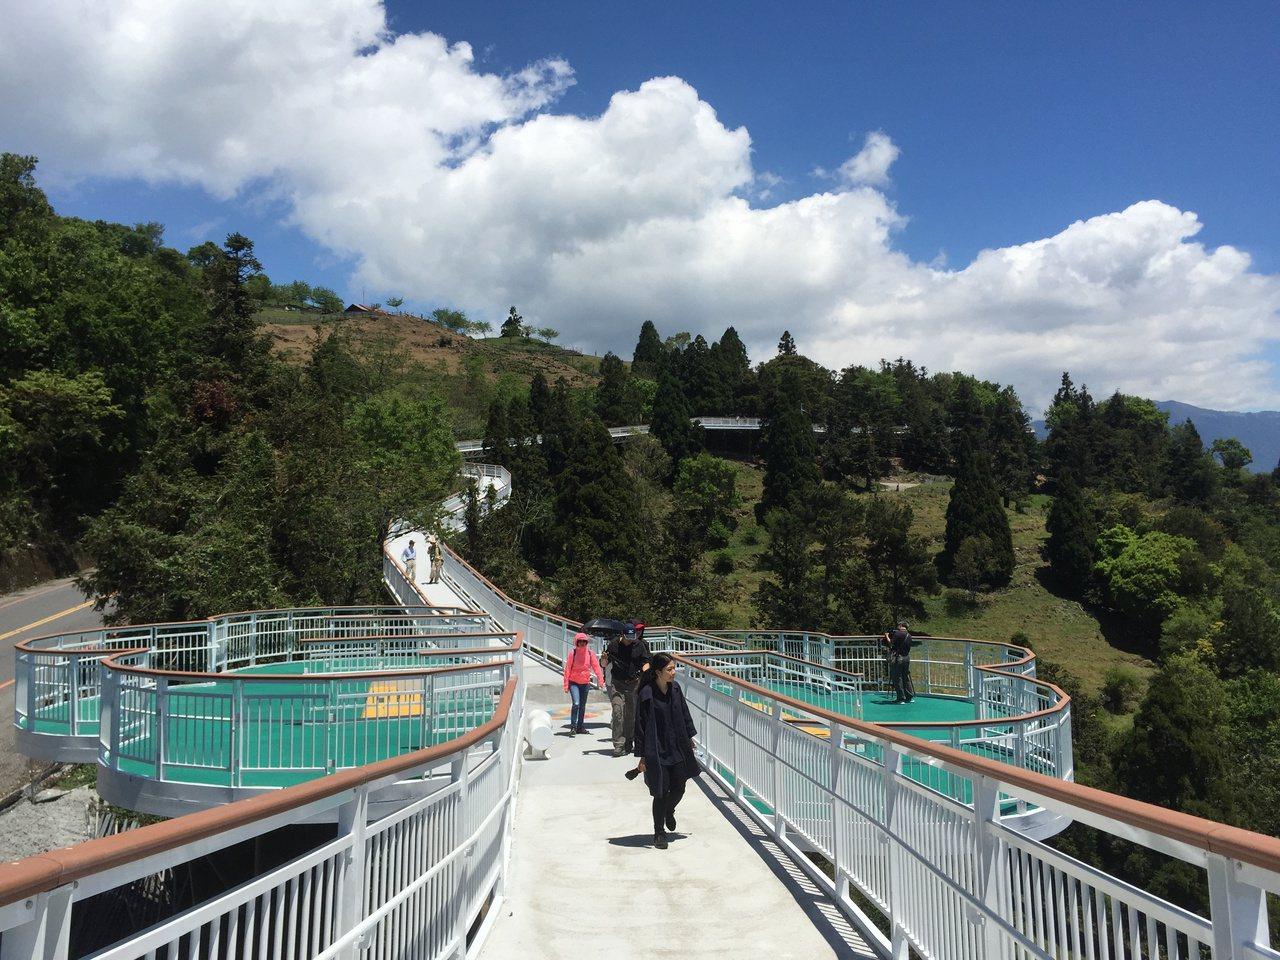 清境高空觀景步道景觀優美,開放至今吸引60多萬名遊客上門。記者江良誠/攝影